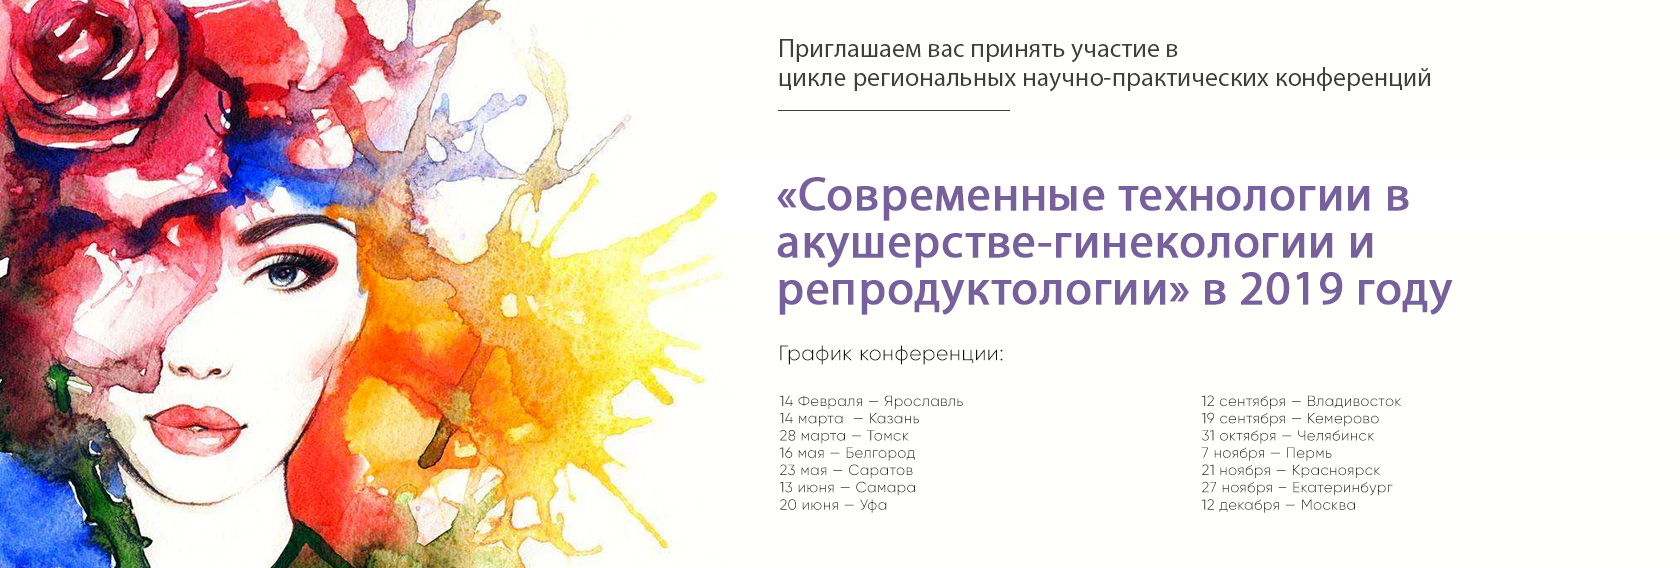 Цикл научно-практических конференций «Современные технологии в акушерстве-гинекологии и репродуктологии»